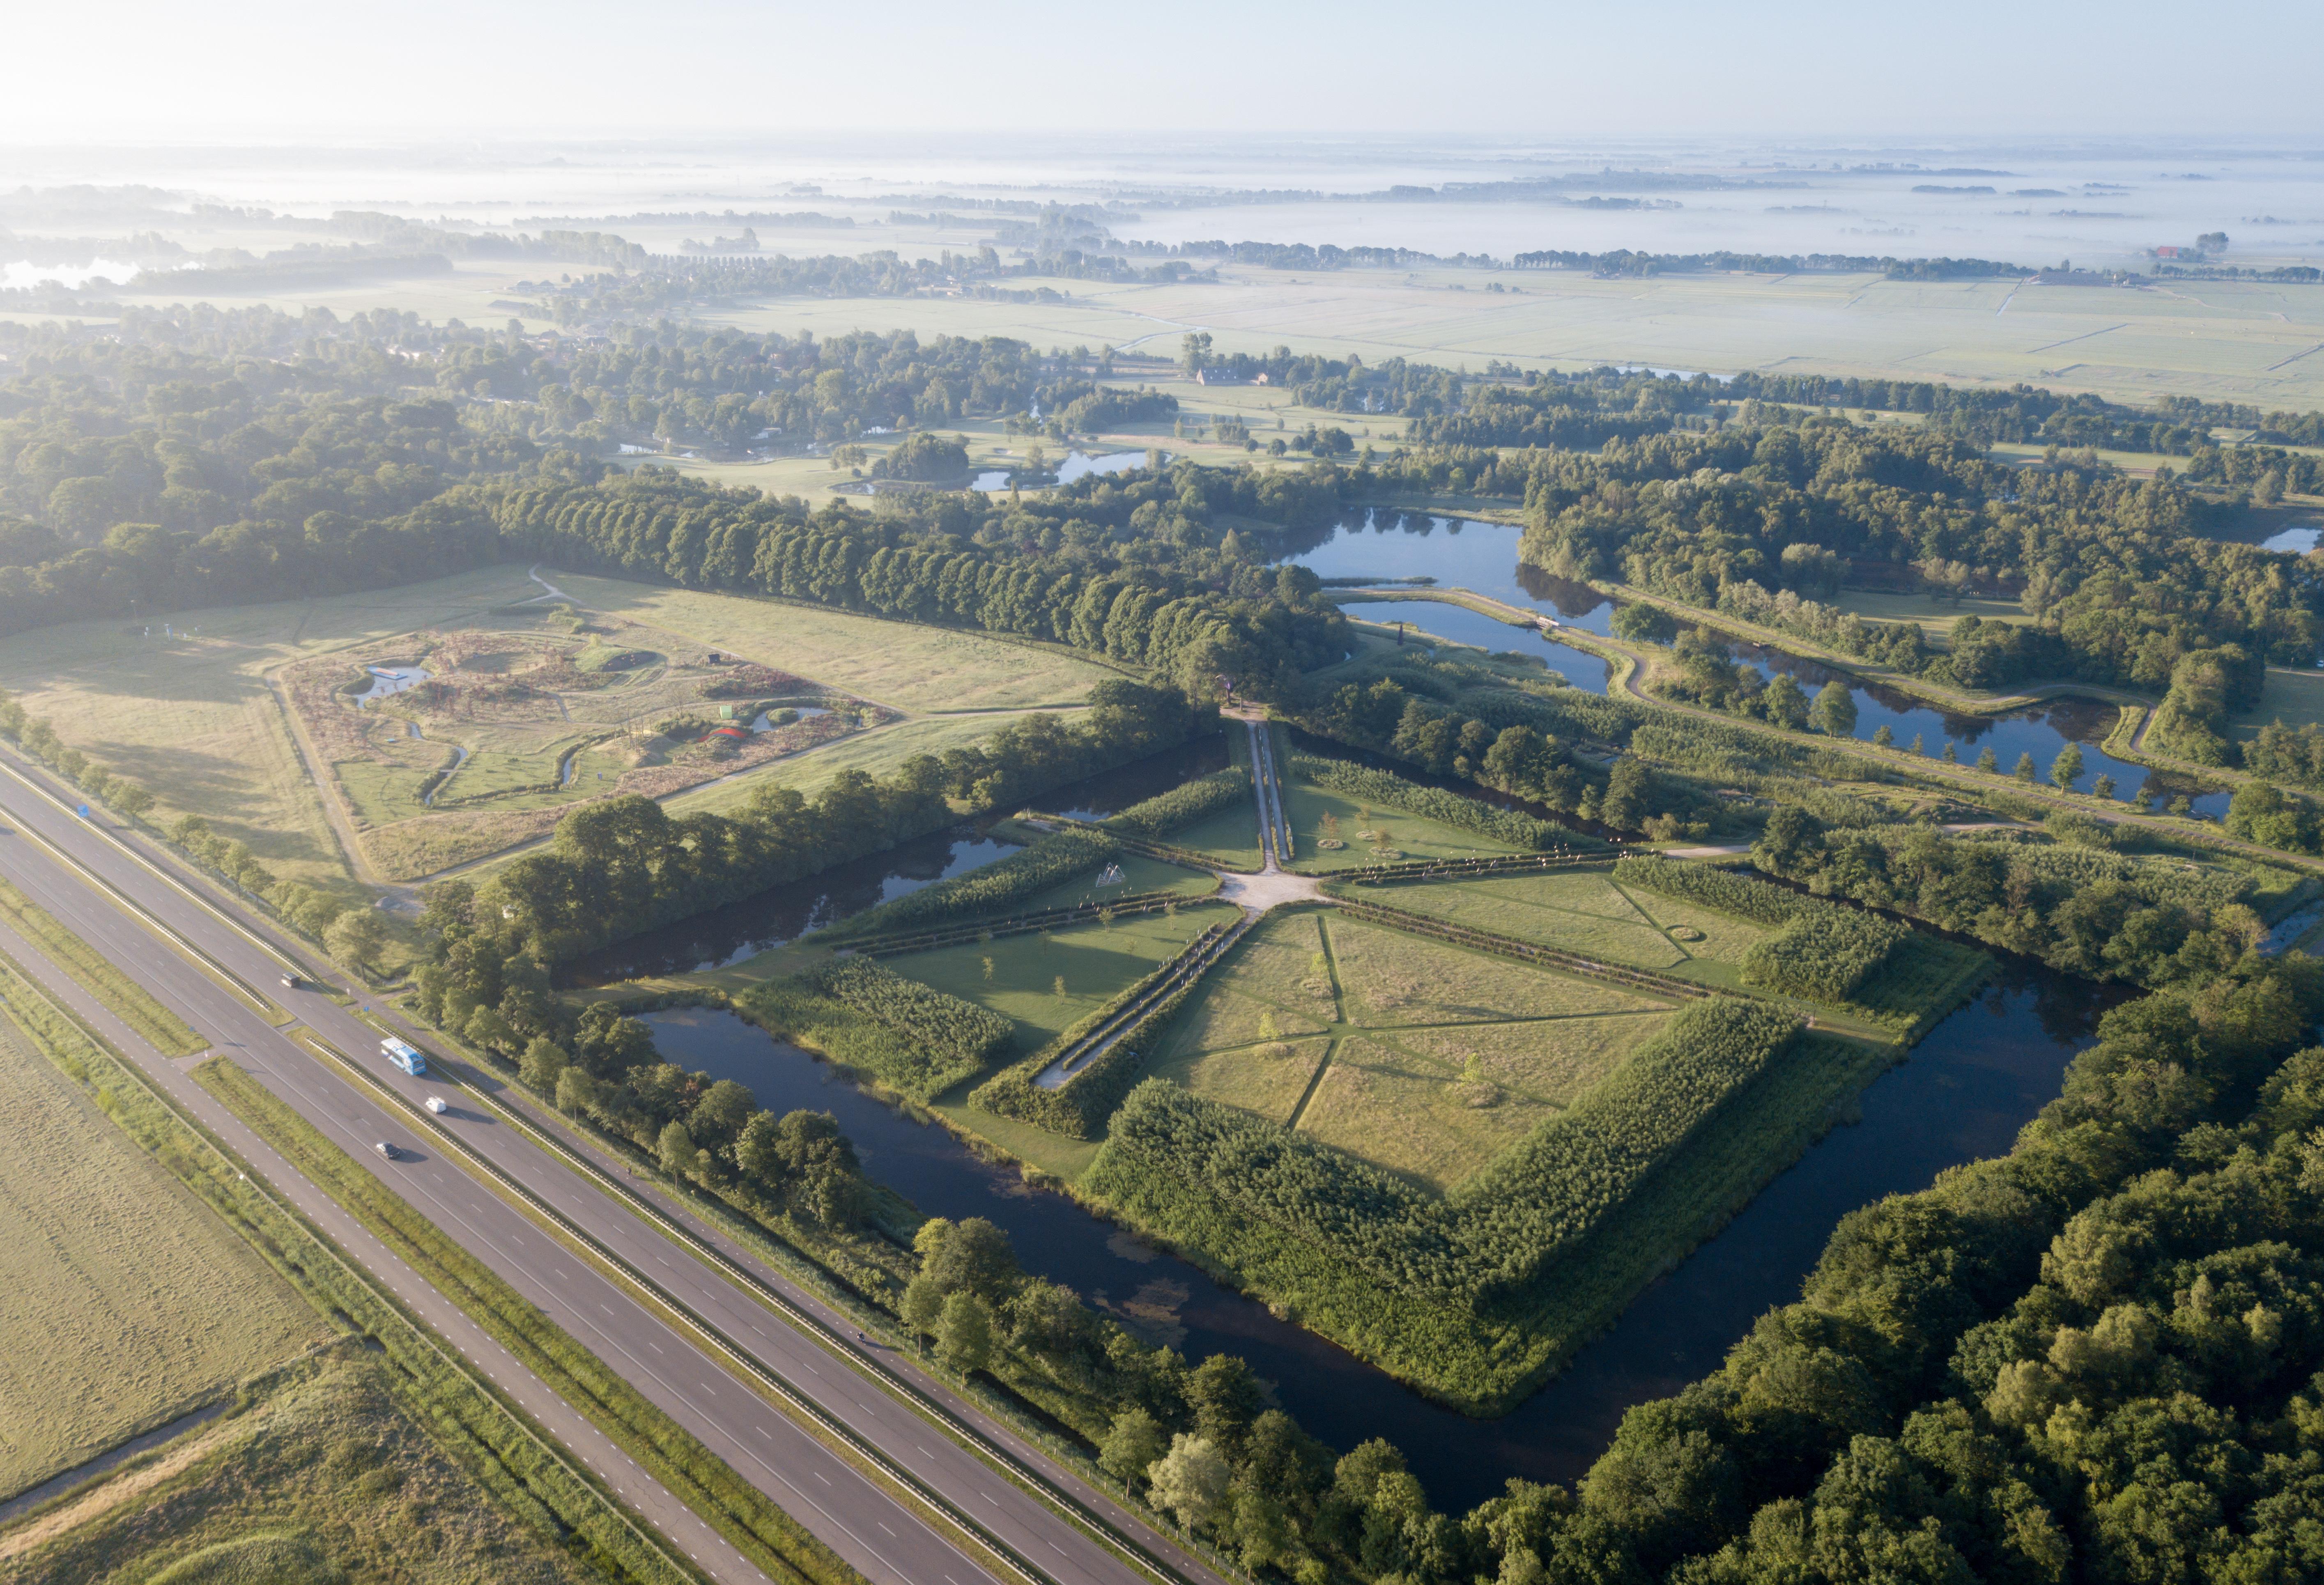 <p>Tegelijkertijd met het bezoekerscentrum werd het park uitgebreid met verschillen parkdelen en tuinen, door LOLA Landscape, deltavormgroep, Piet Oudolf en Tobias Rehberger  (Foto © Iwan Baan)</p>